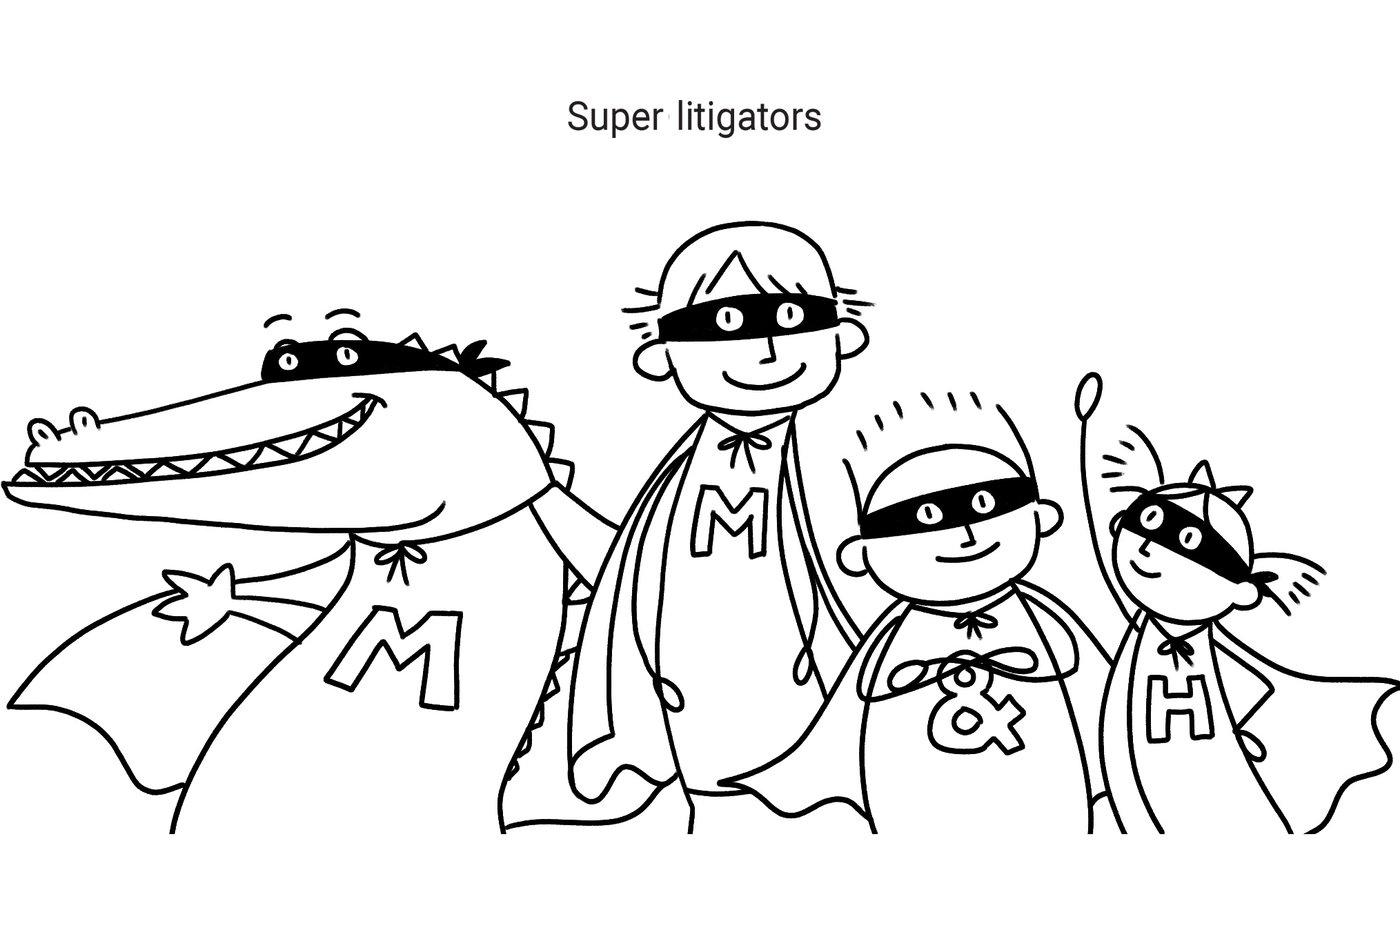 MMH-Super-litigators-3